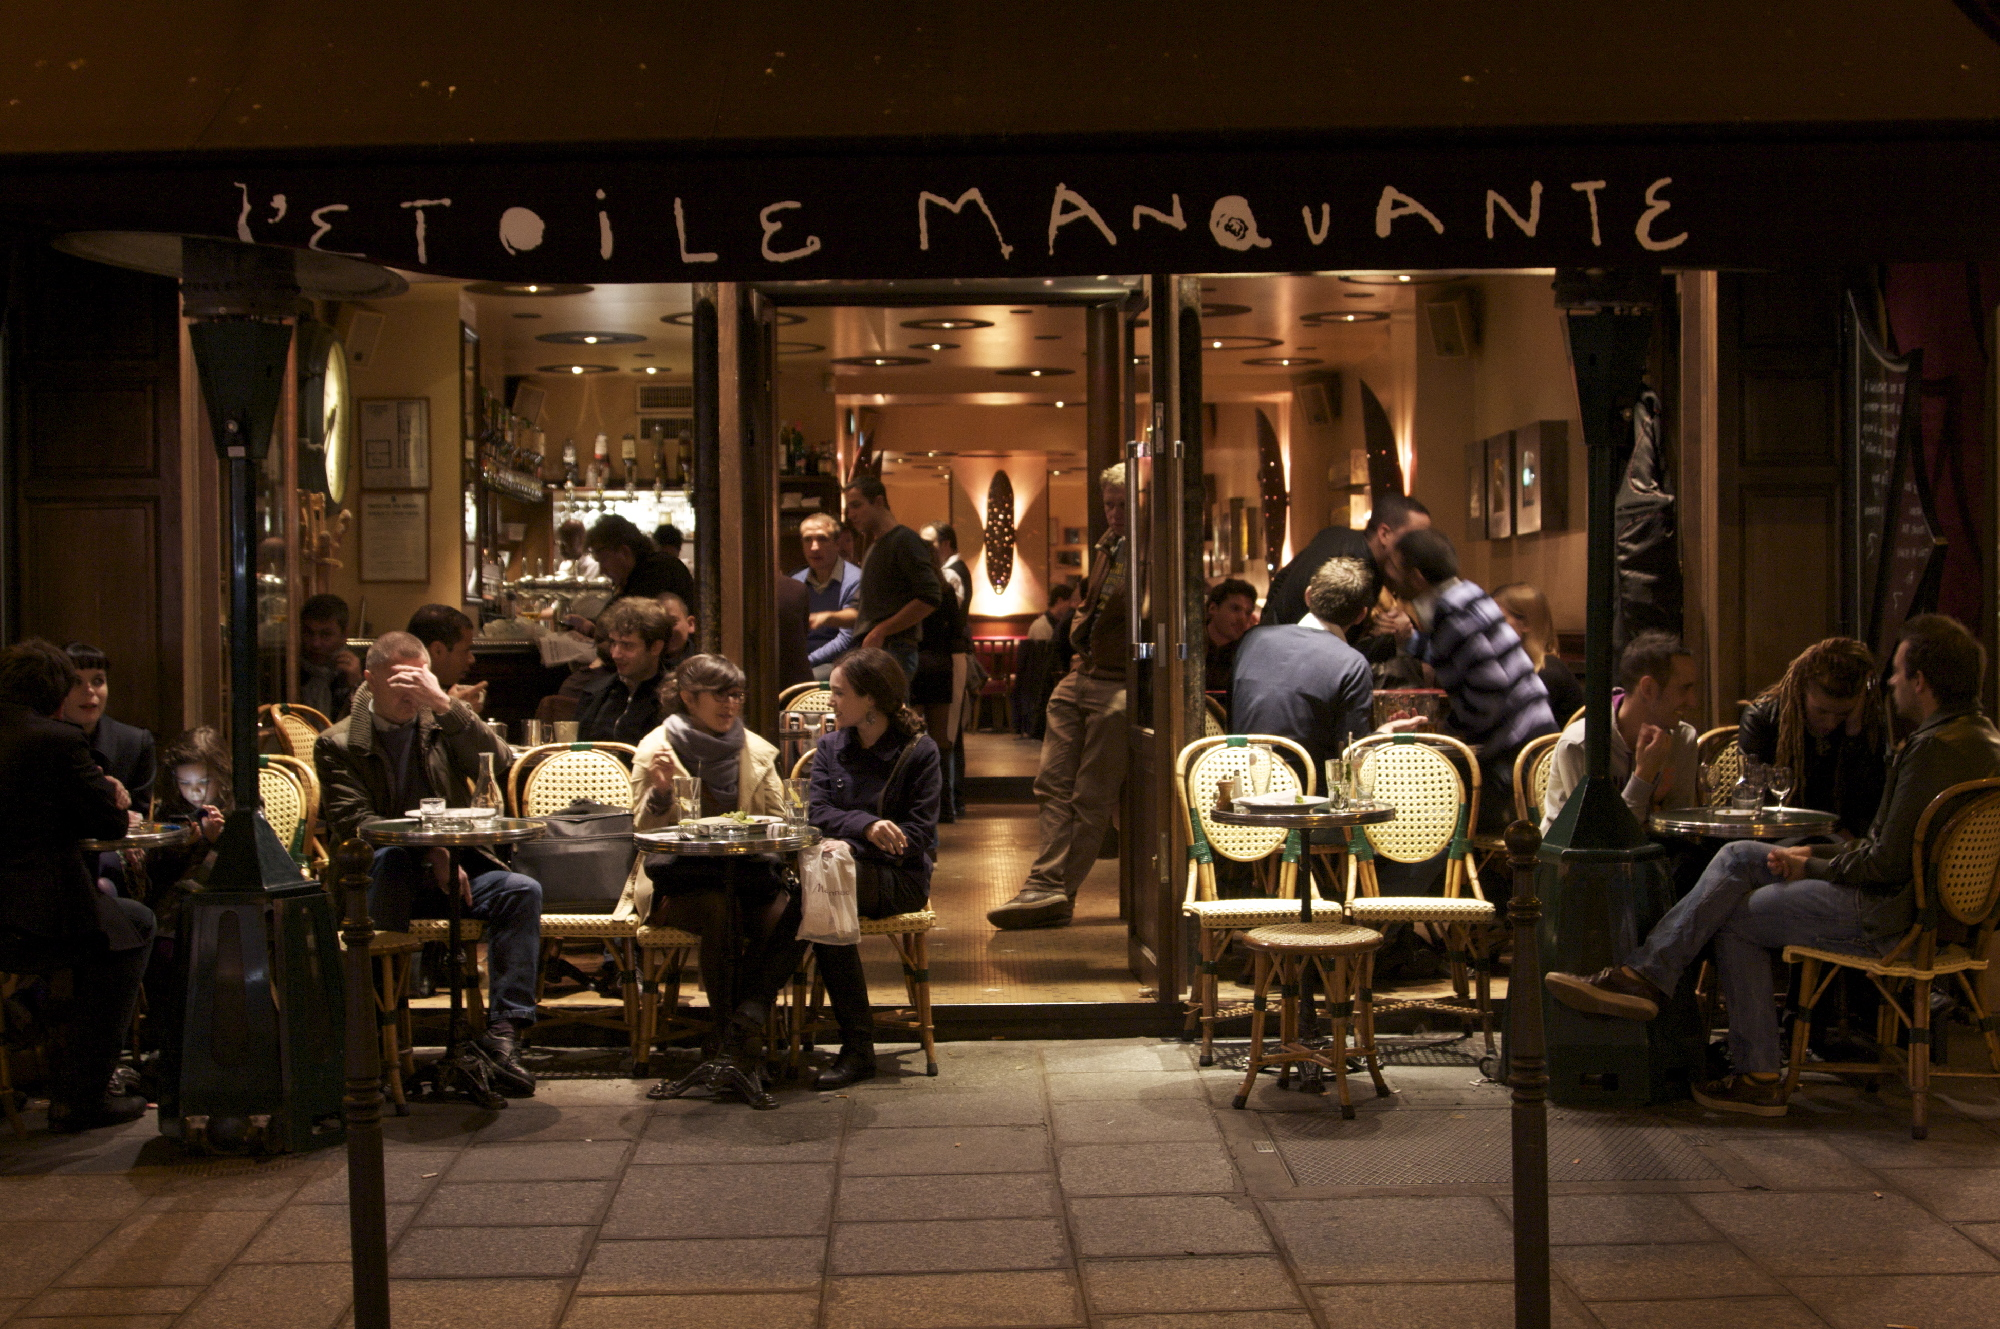 Café: L'Etoile Manquante